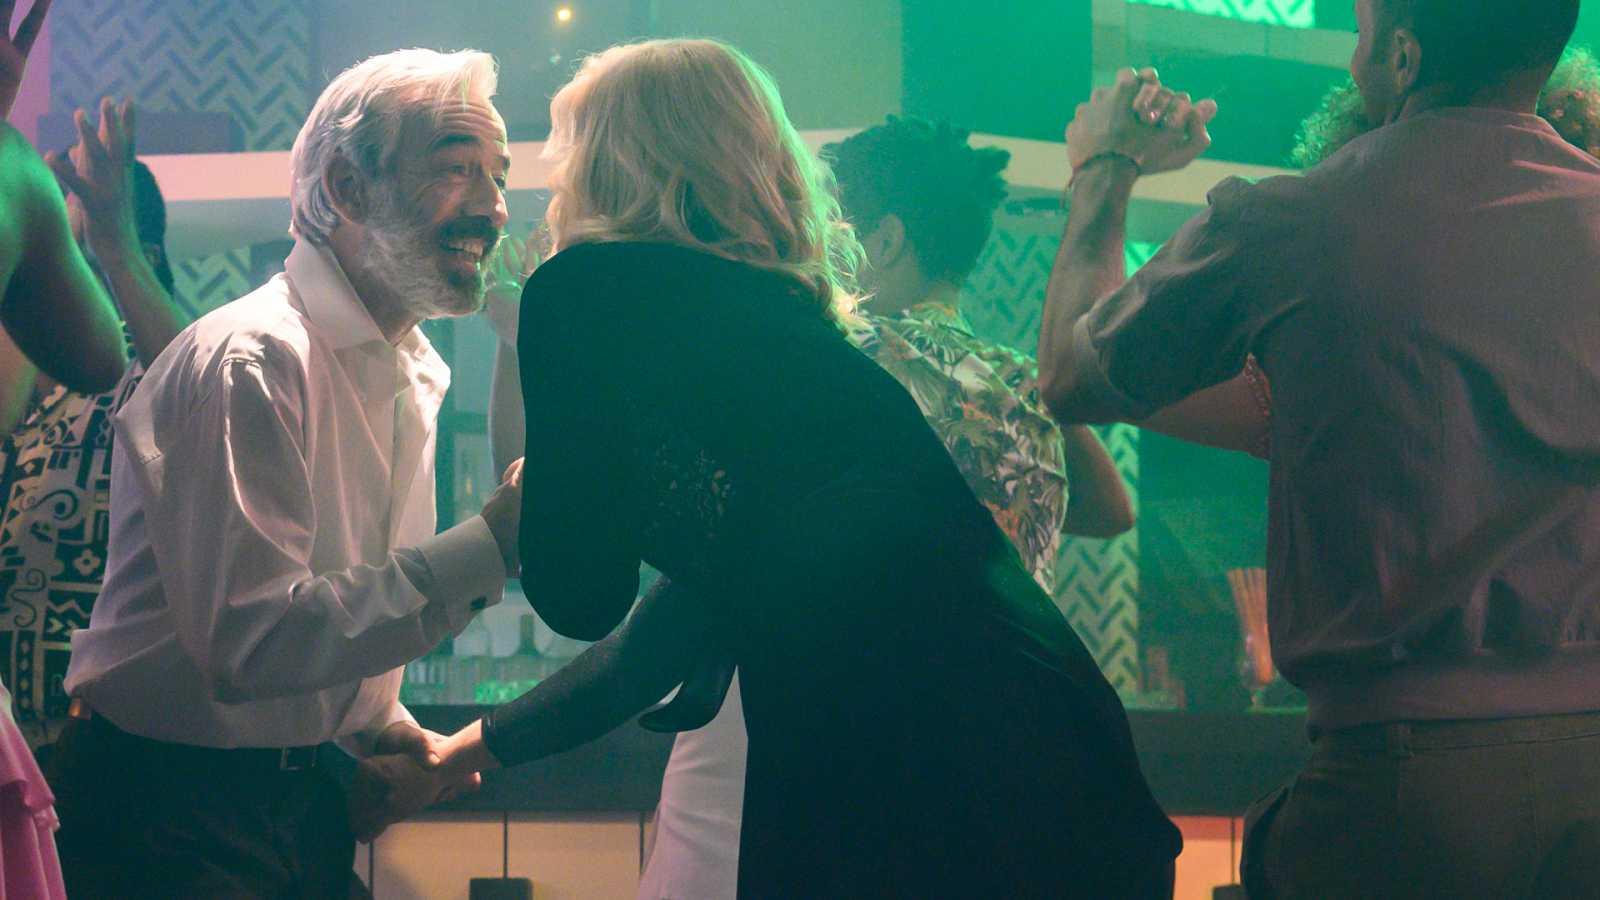 El subidón de Antonio y Mercedes después de bailar salsa